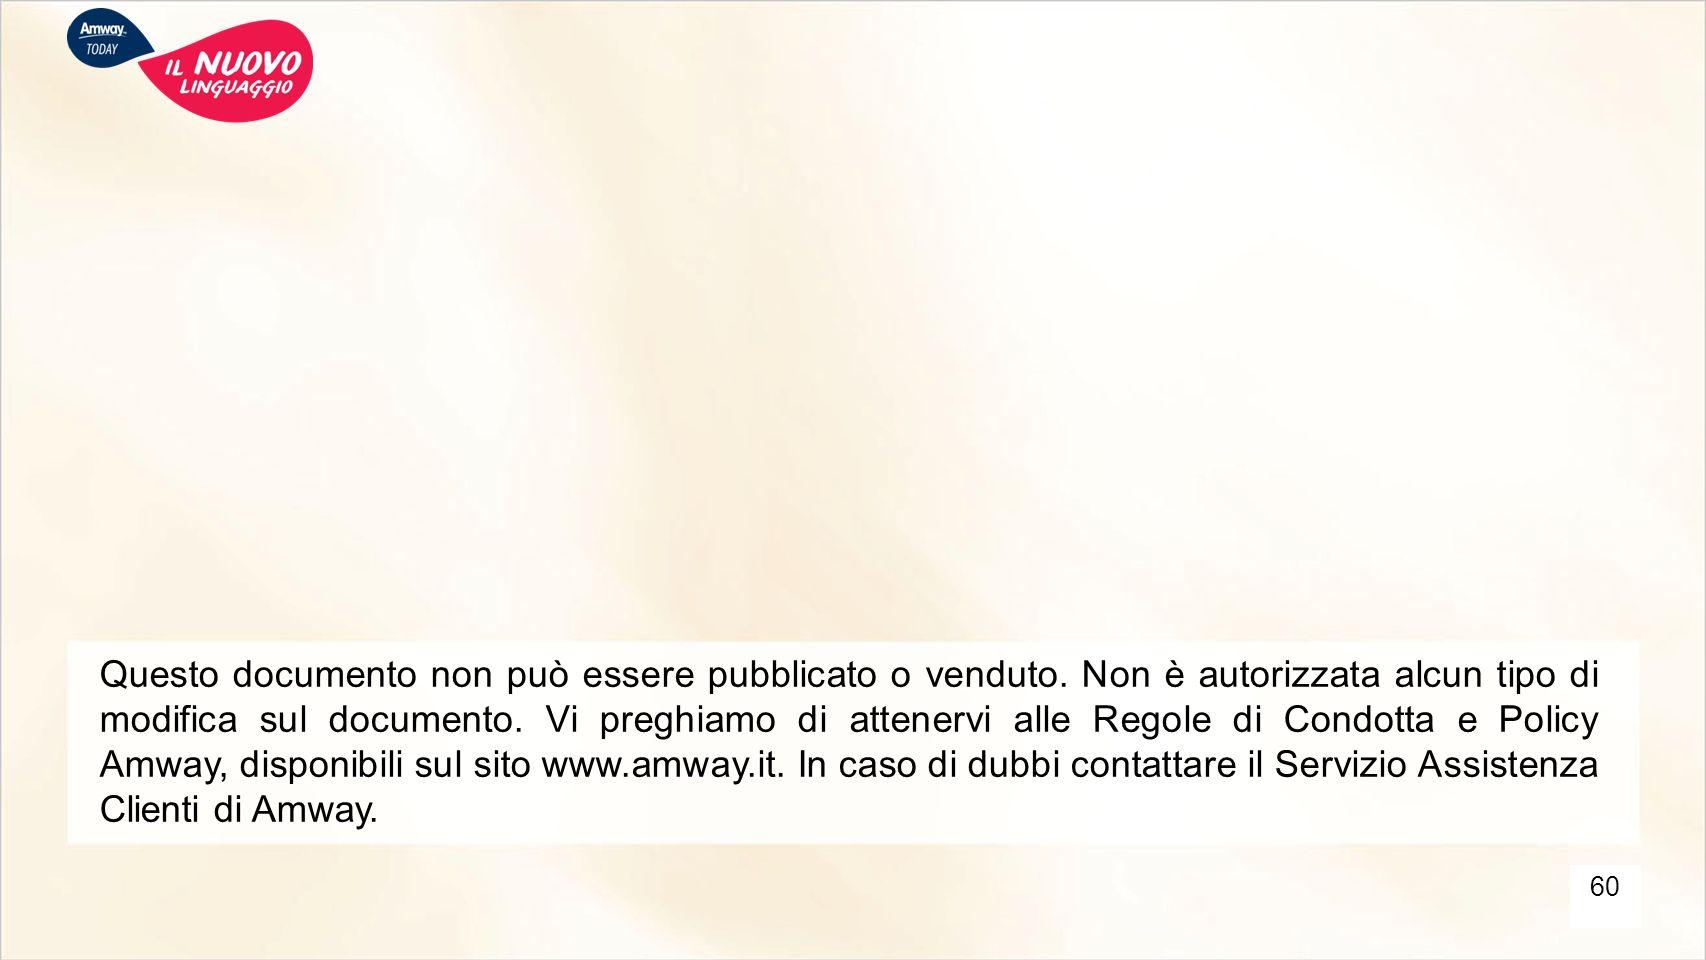 Questo documento non può essere pubblicato o venduto. Non è autorizzata alcun tipo di modifica sul documento. Vi preghiamo di attenervi alle Regole di